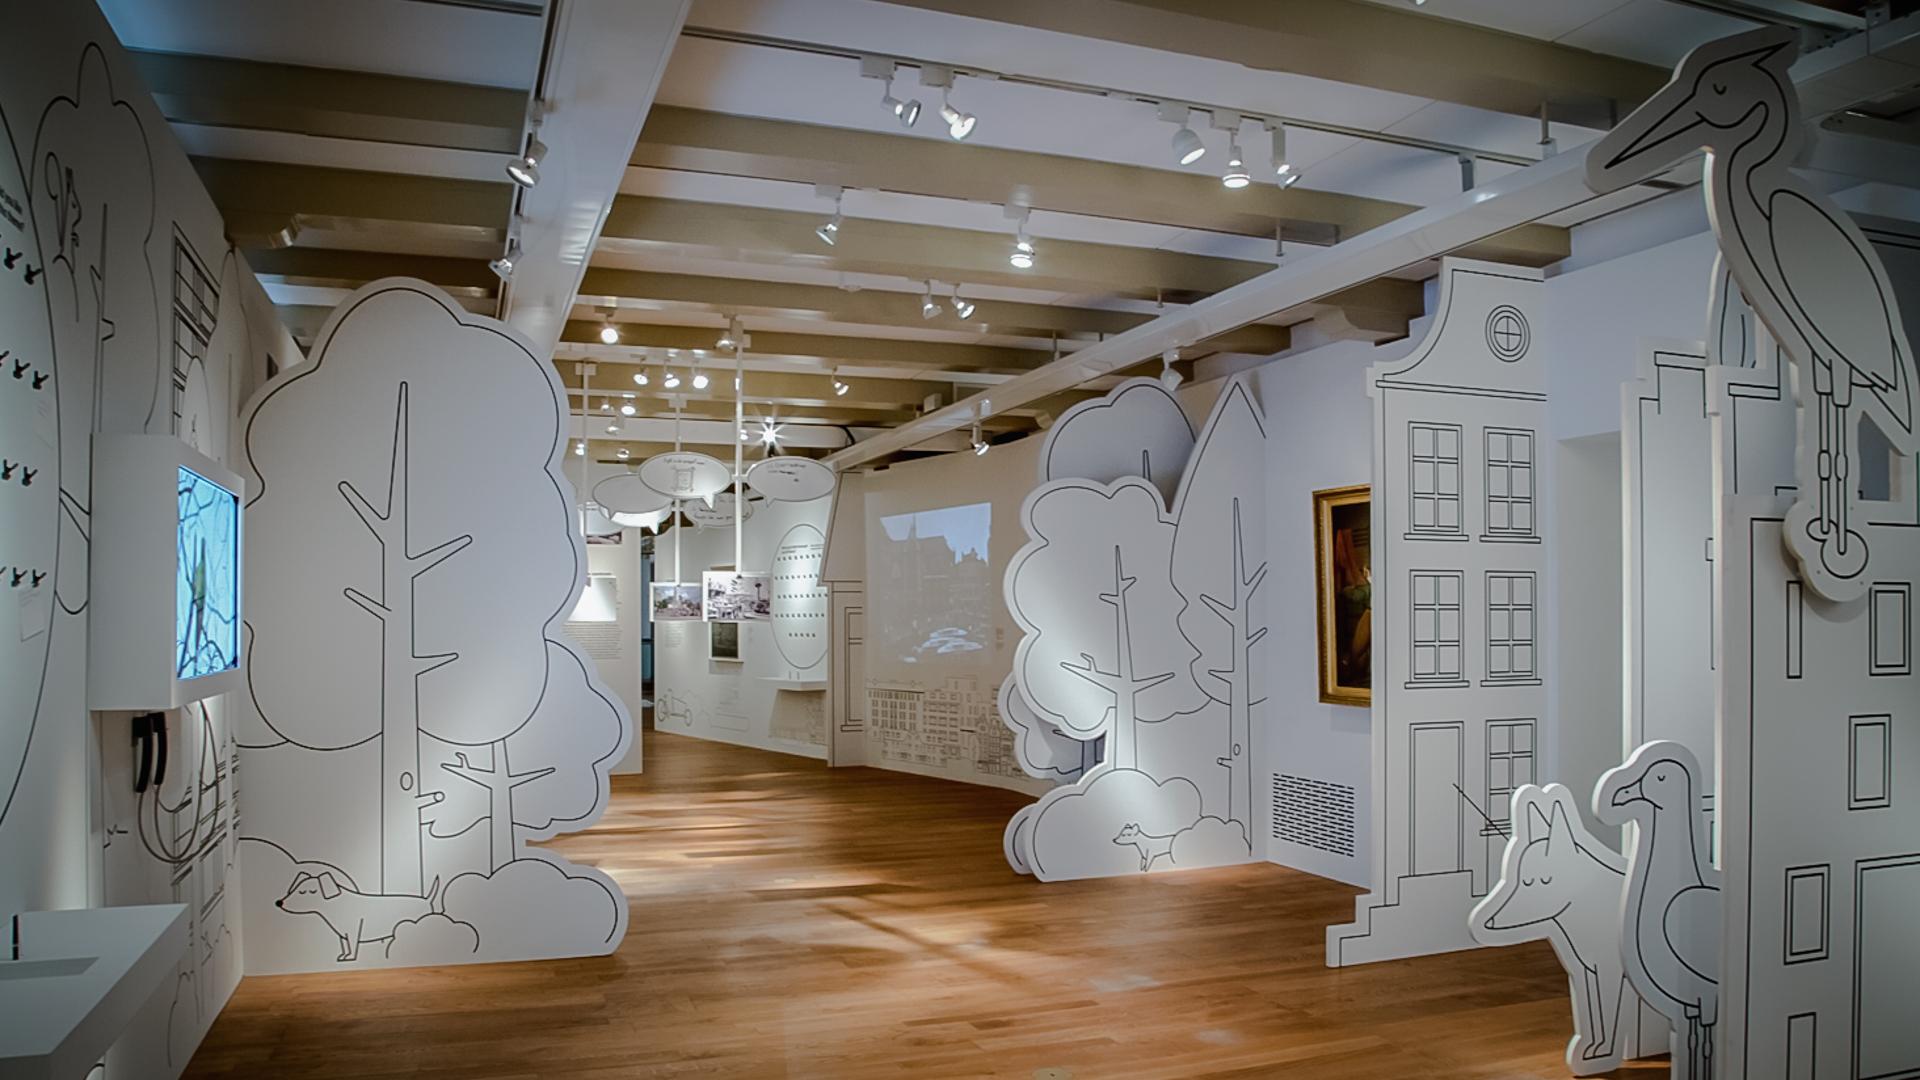 amsterdam museum thematisch 7 jpg